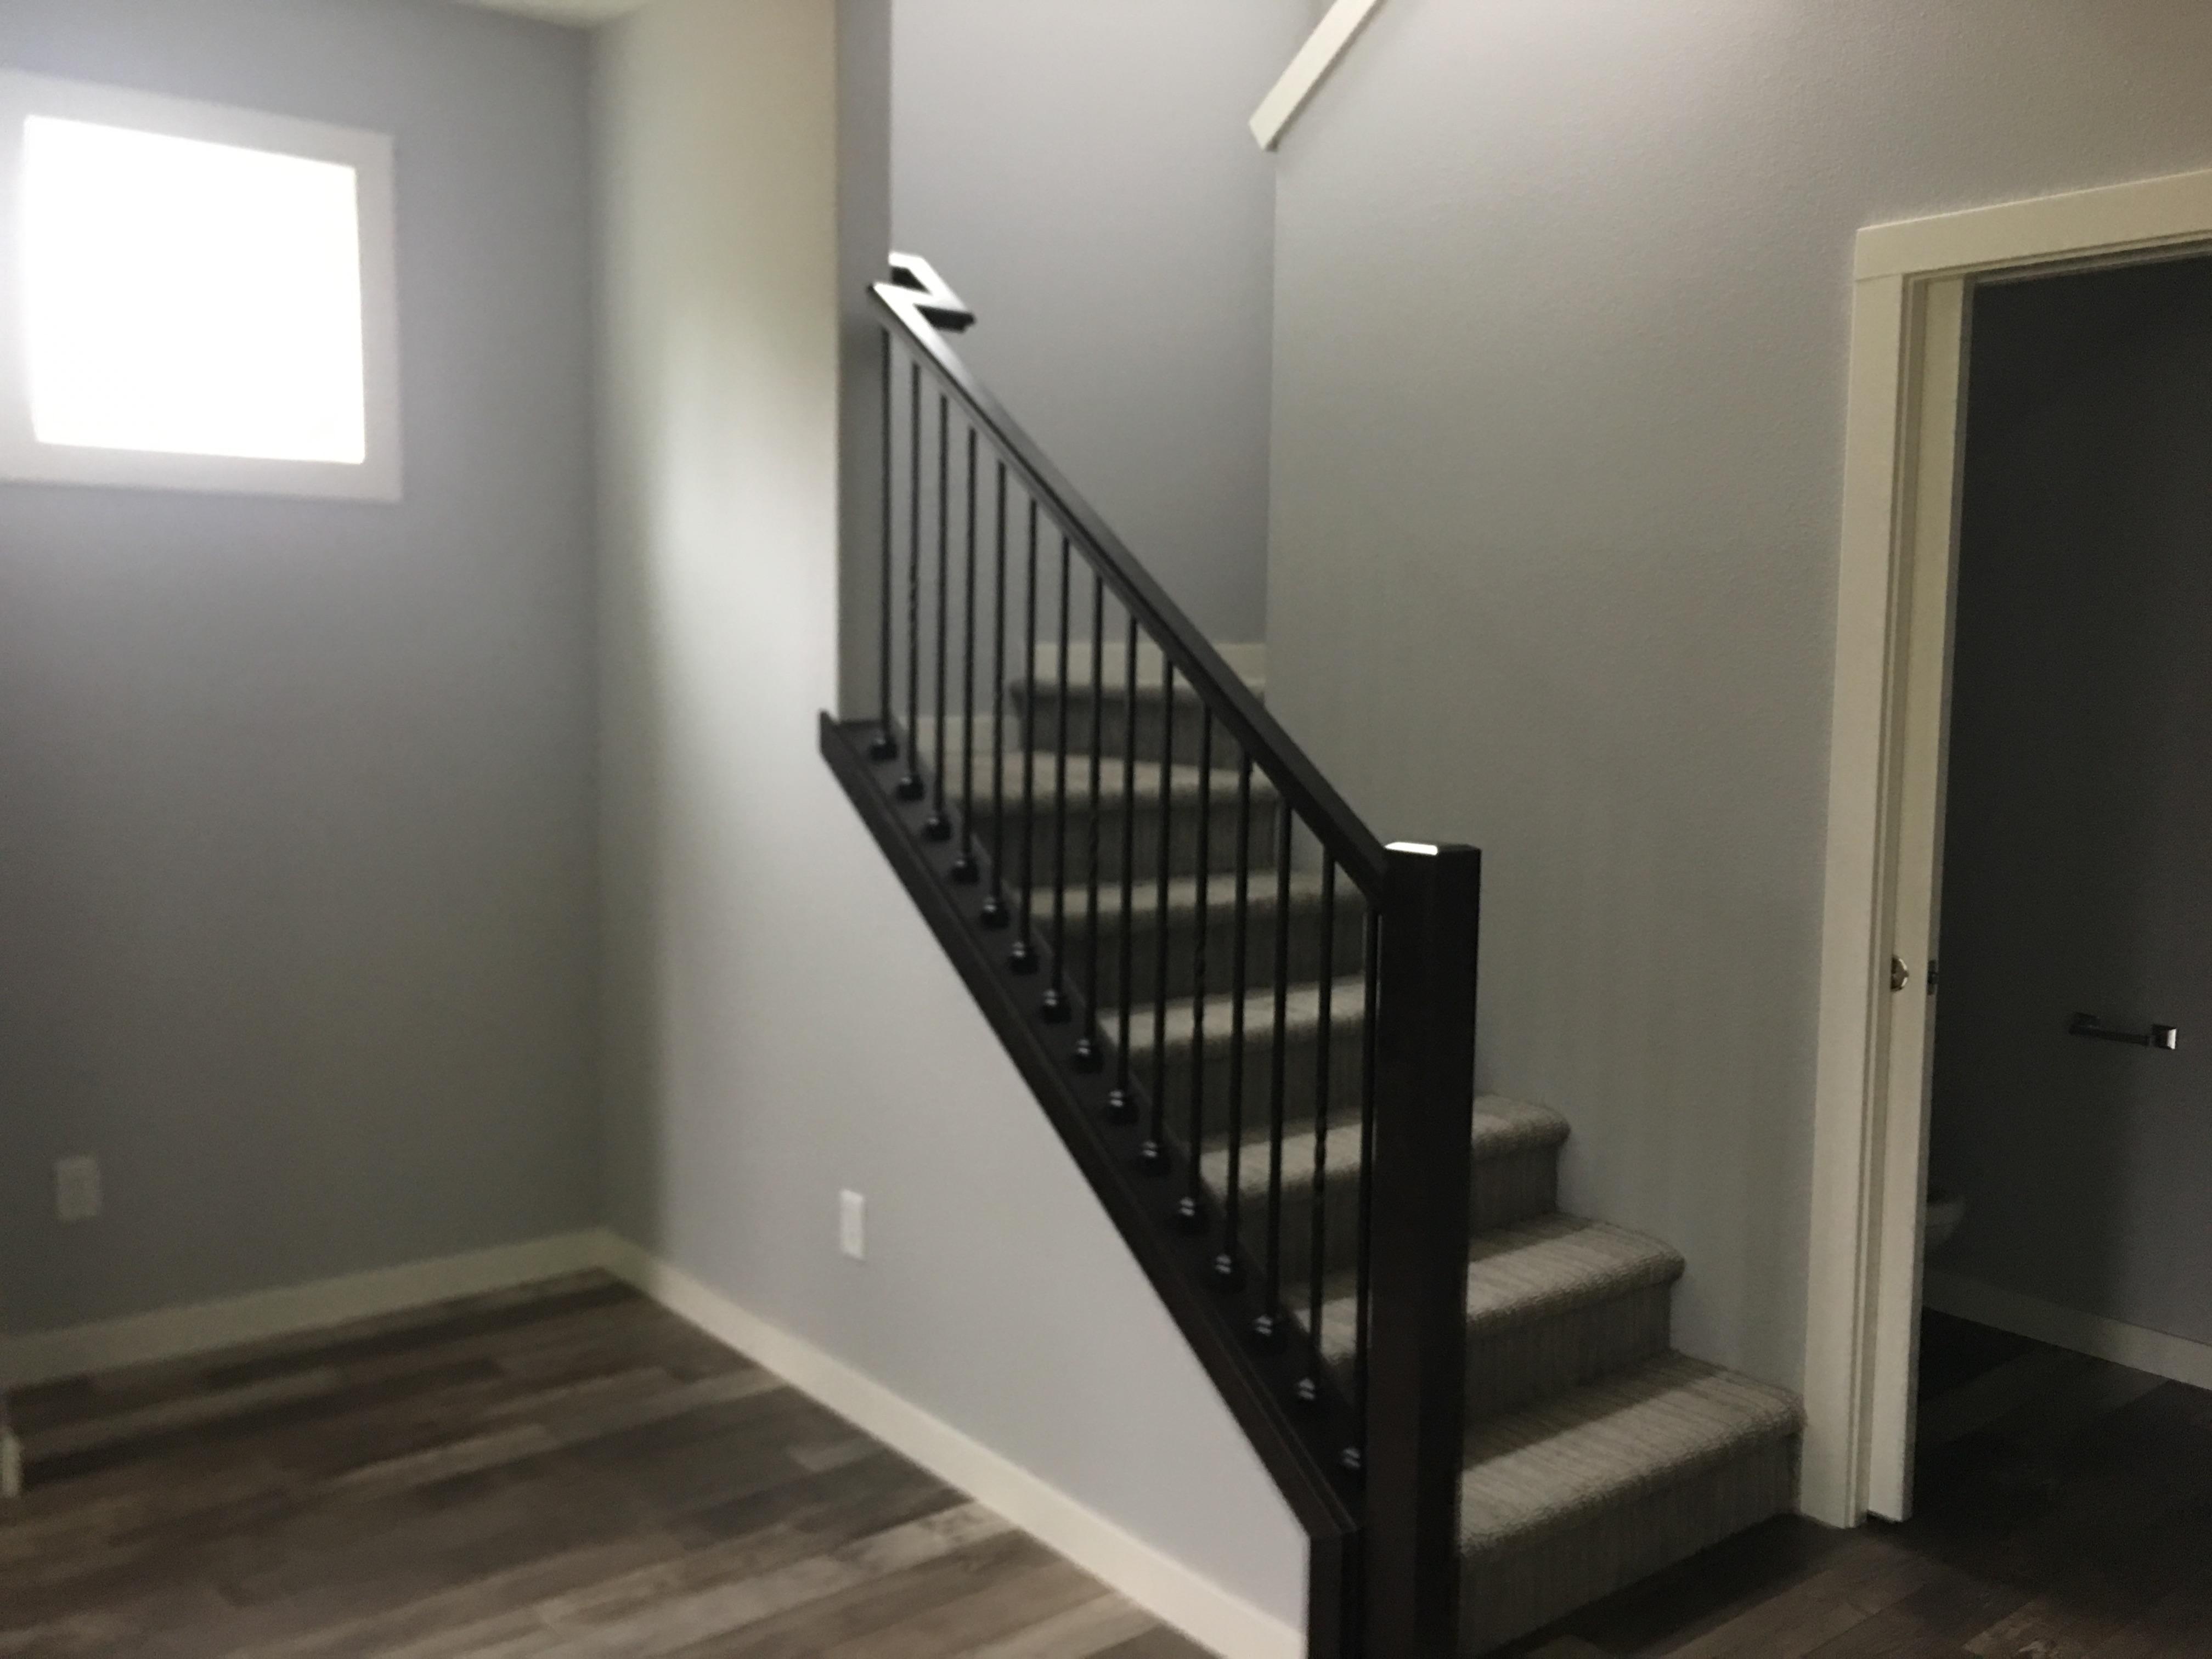 Alder/Iron Handrail